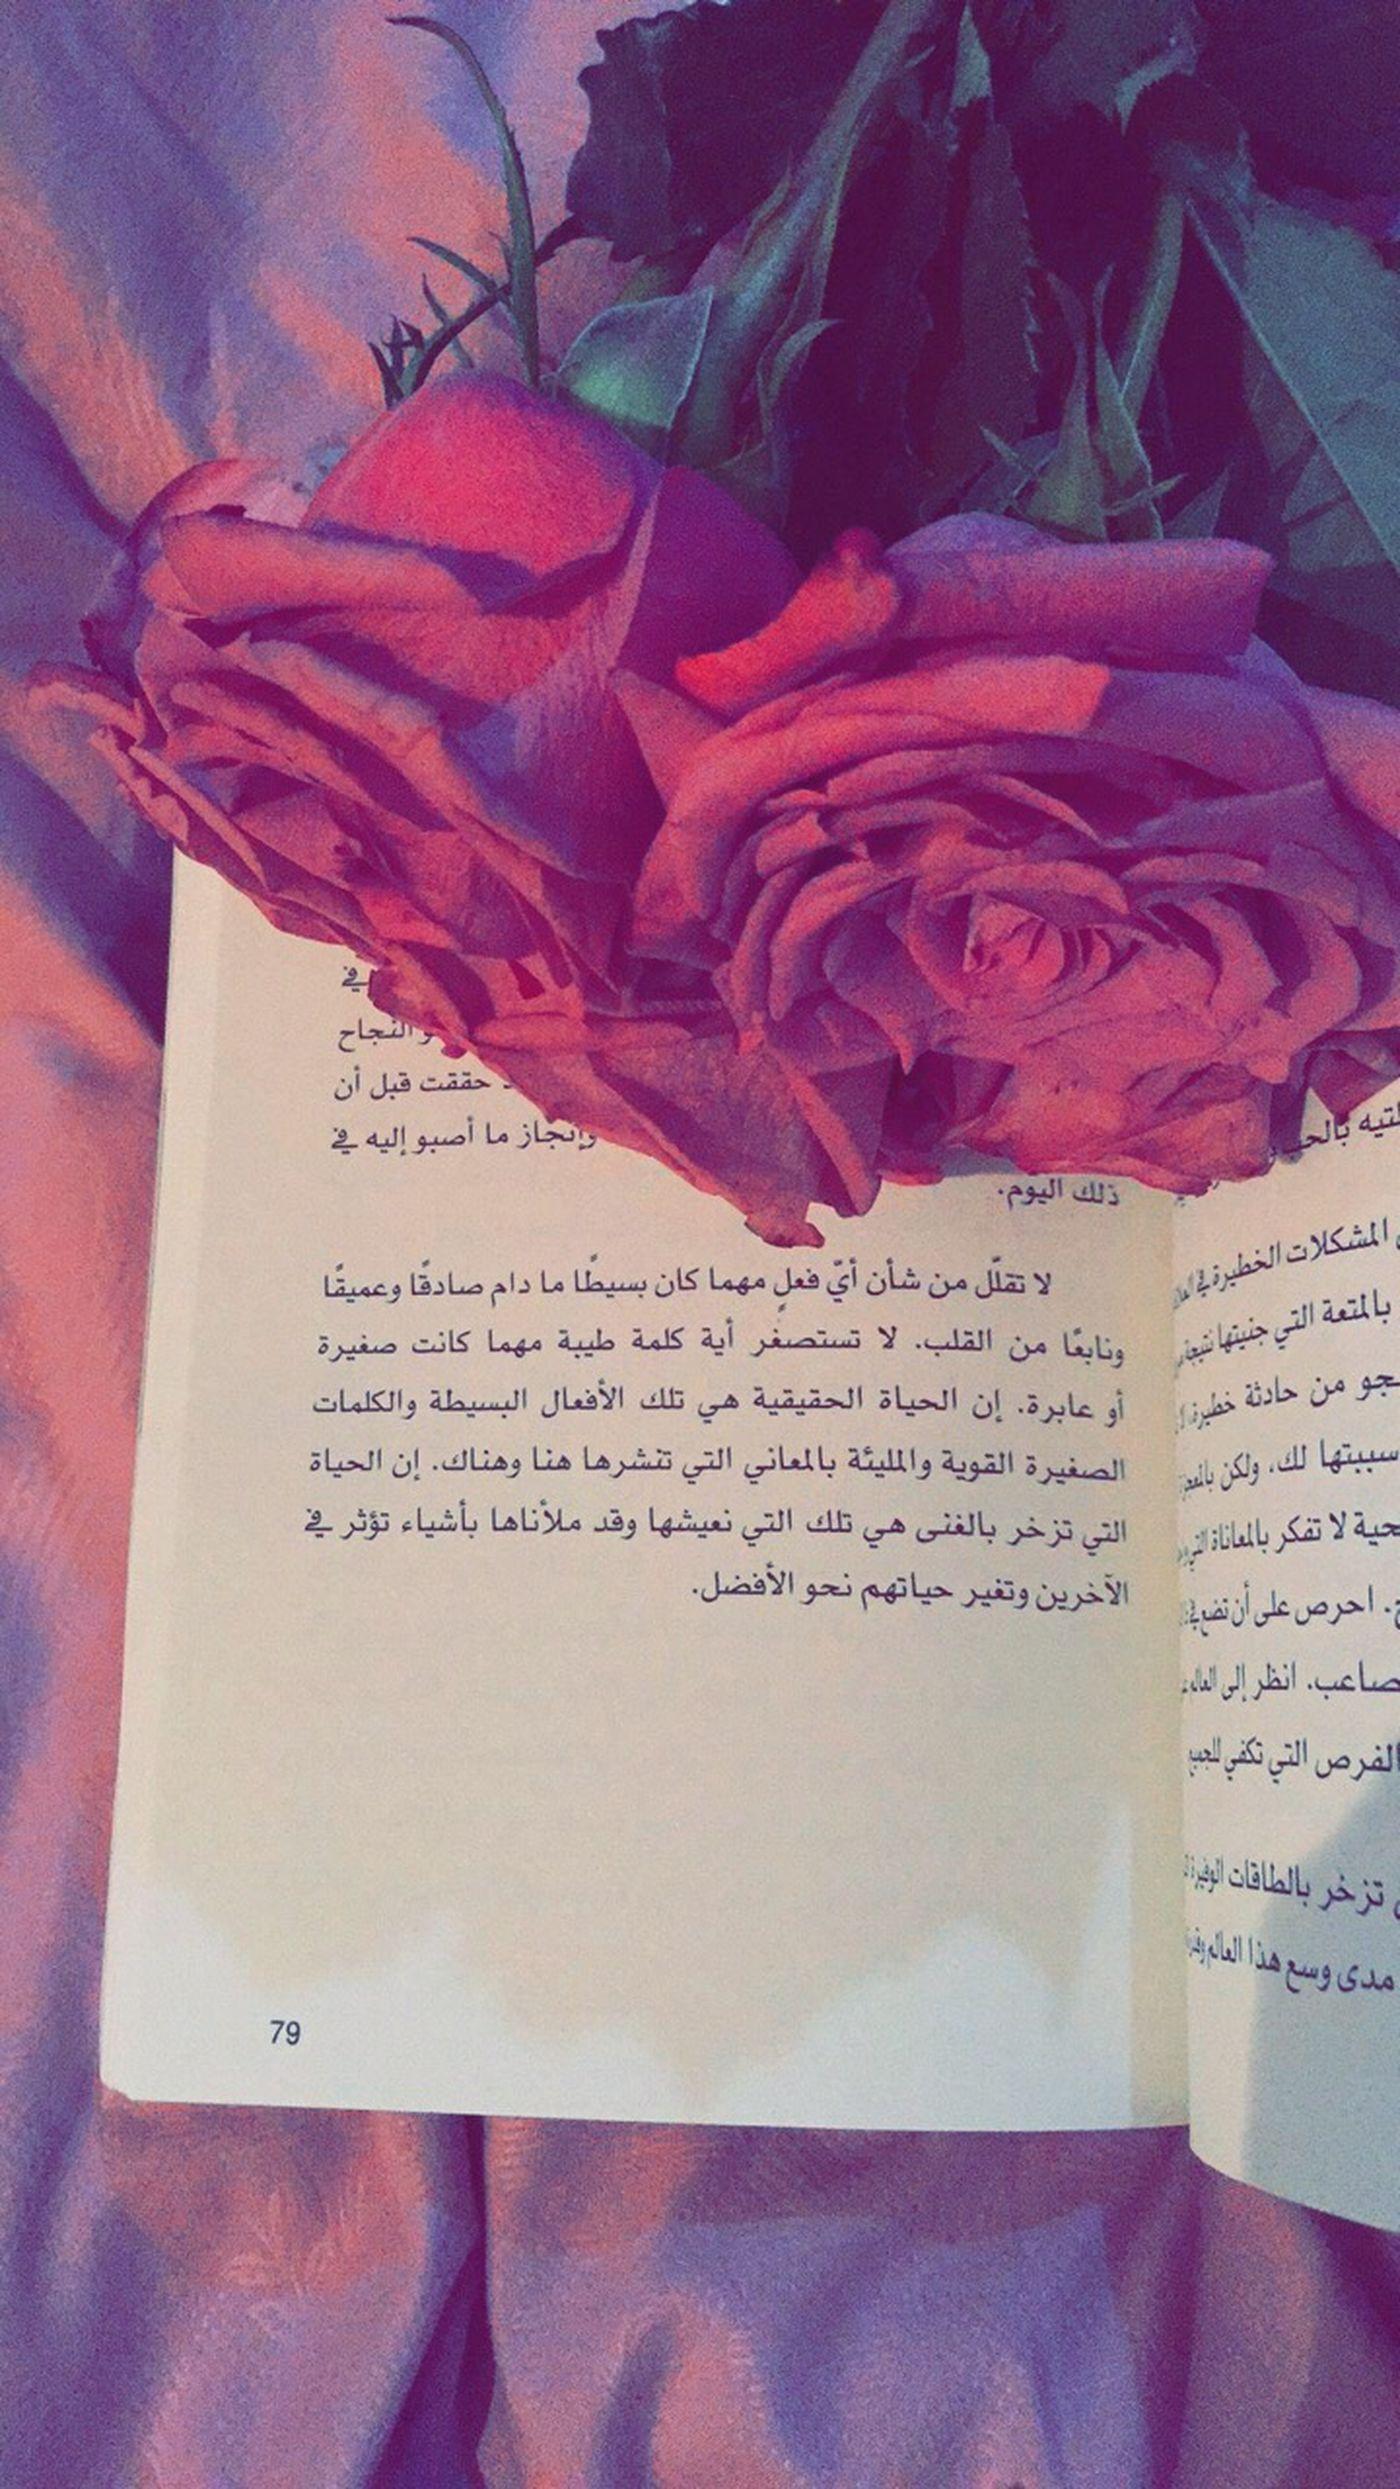 مهدي_موسوي